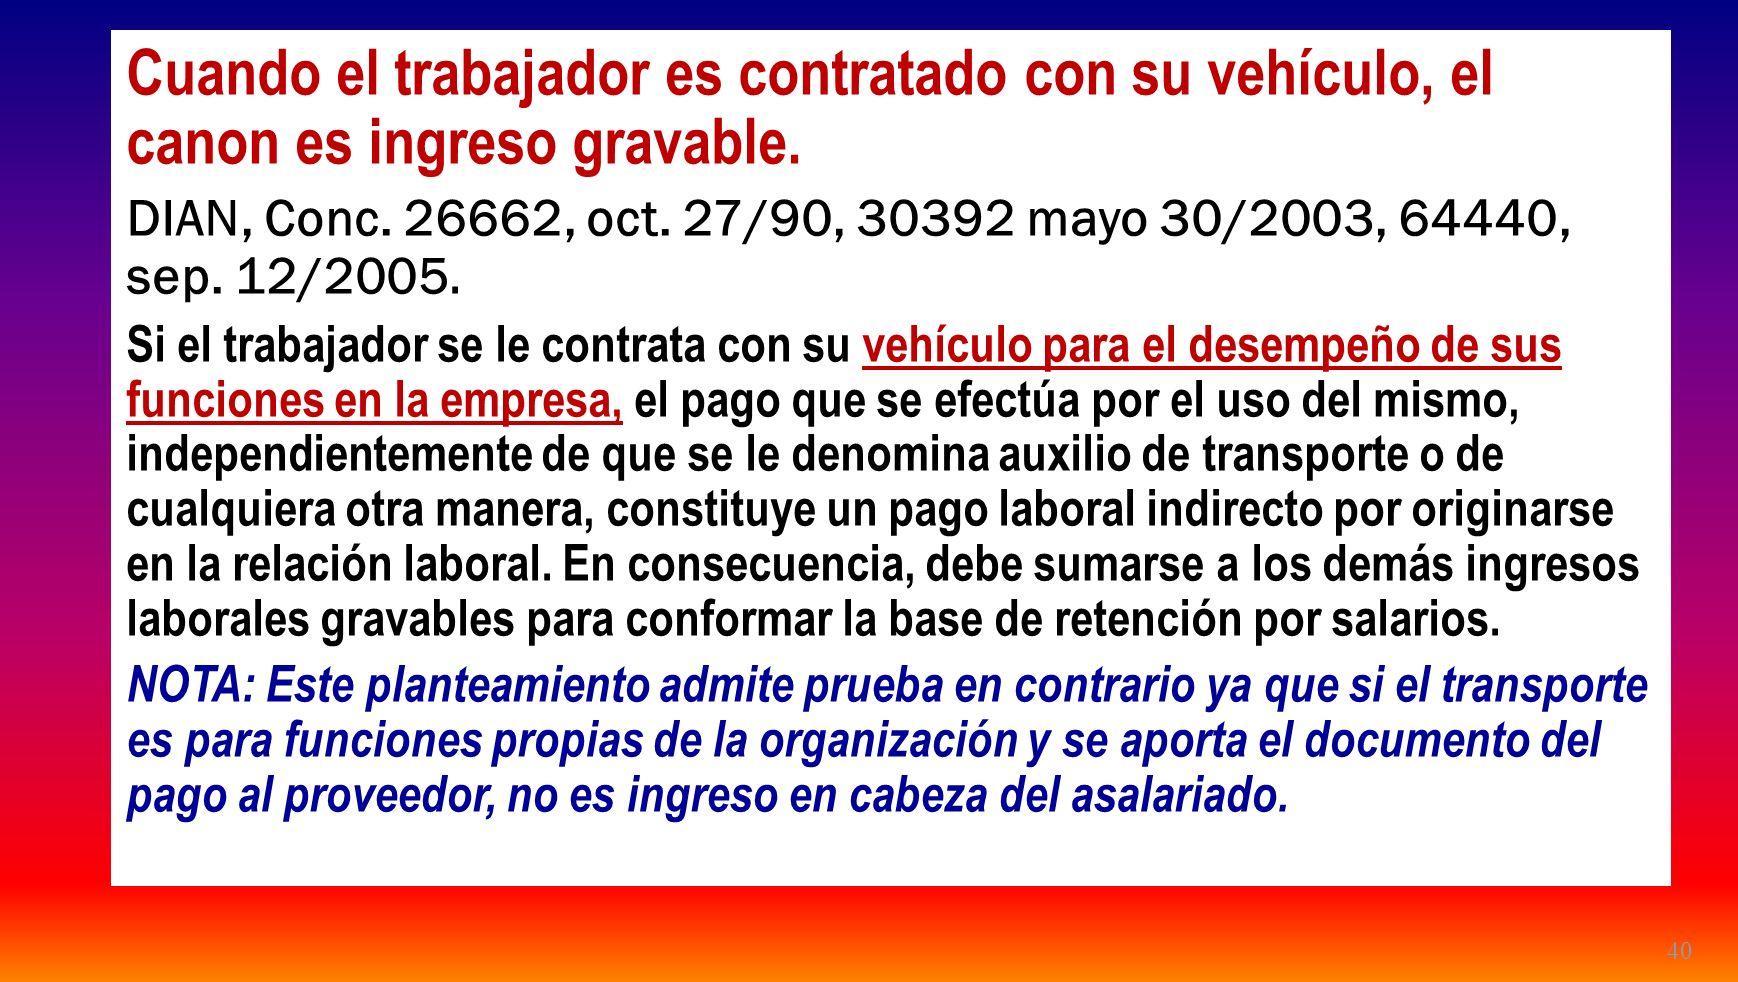 40 Cuando el trabajador es contratado con su vehículo, el canon es ingreso gravable. DIAN, Conc. 26662, oct. 27/90, 30392 mayo 30/2003, 64440, sep. 12